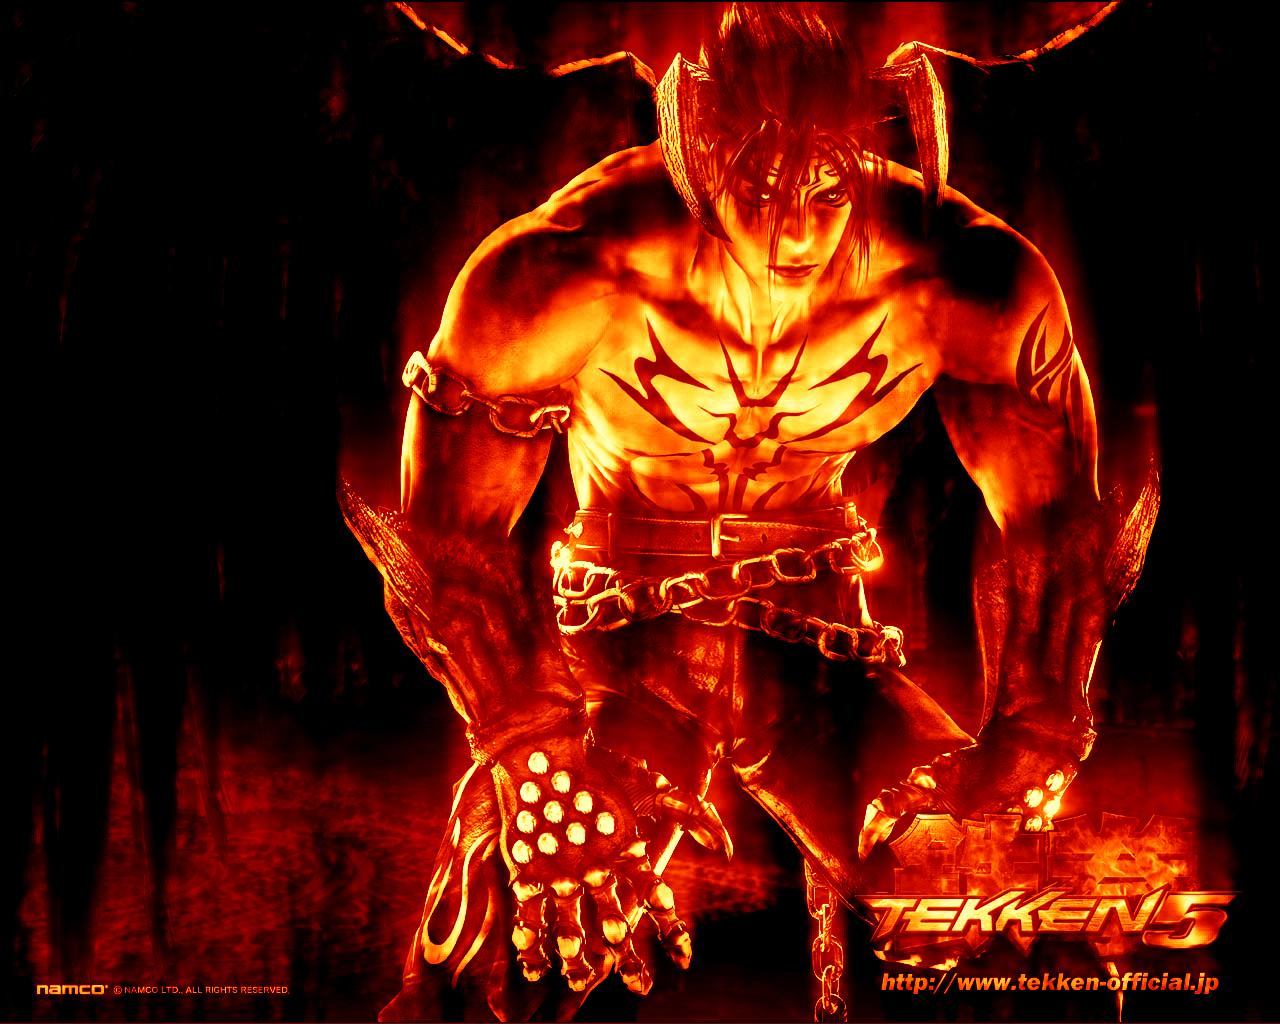 Tekken DEVIL JIN flames 4 by Amanda18Sato 1280x1024